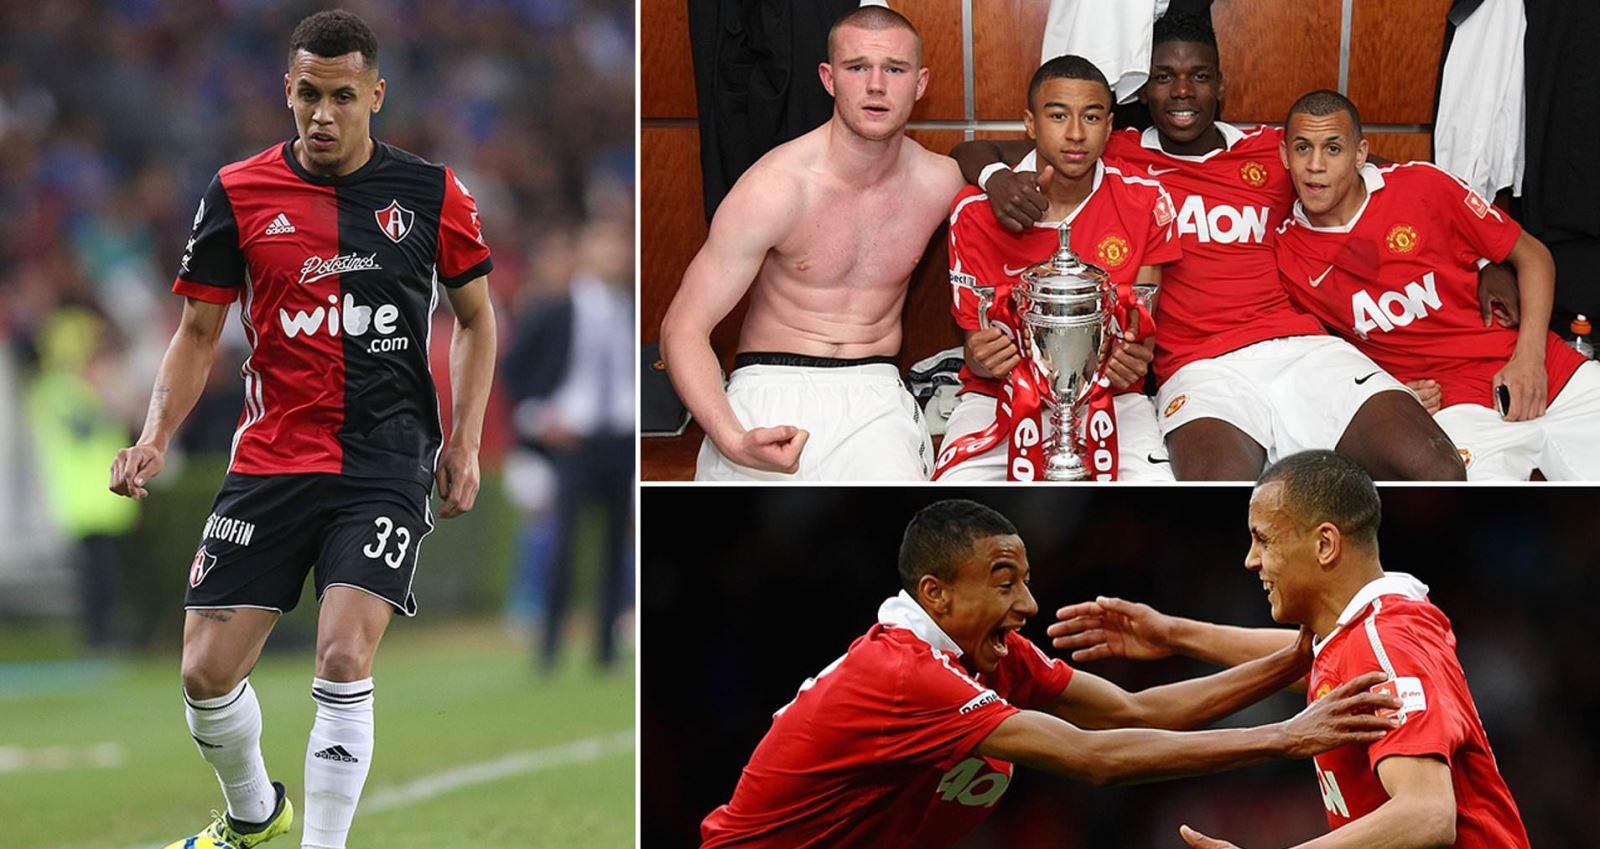 bóng đá, tin bóng đá, bong da hom nay, tin tuc bong da, tin tuc bong da hom nay, MU, mu, manchester united, pogba, paul pogba, Ravel Morrison, Wayne Rooney